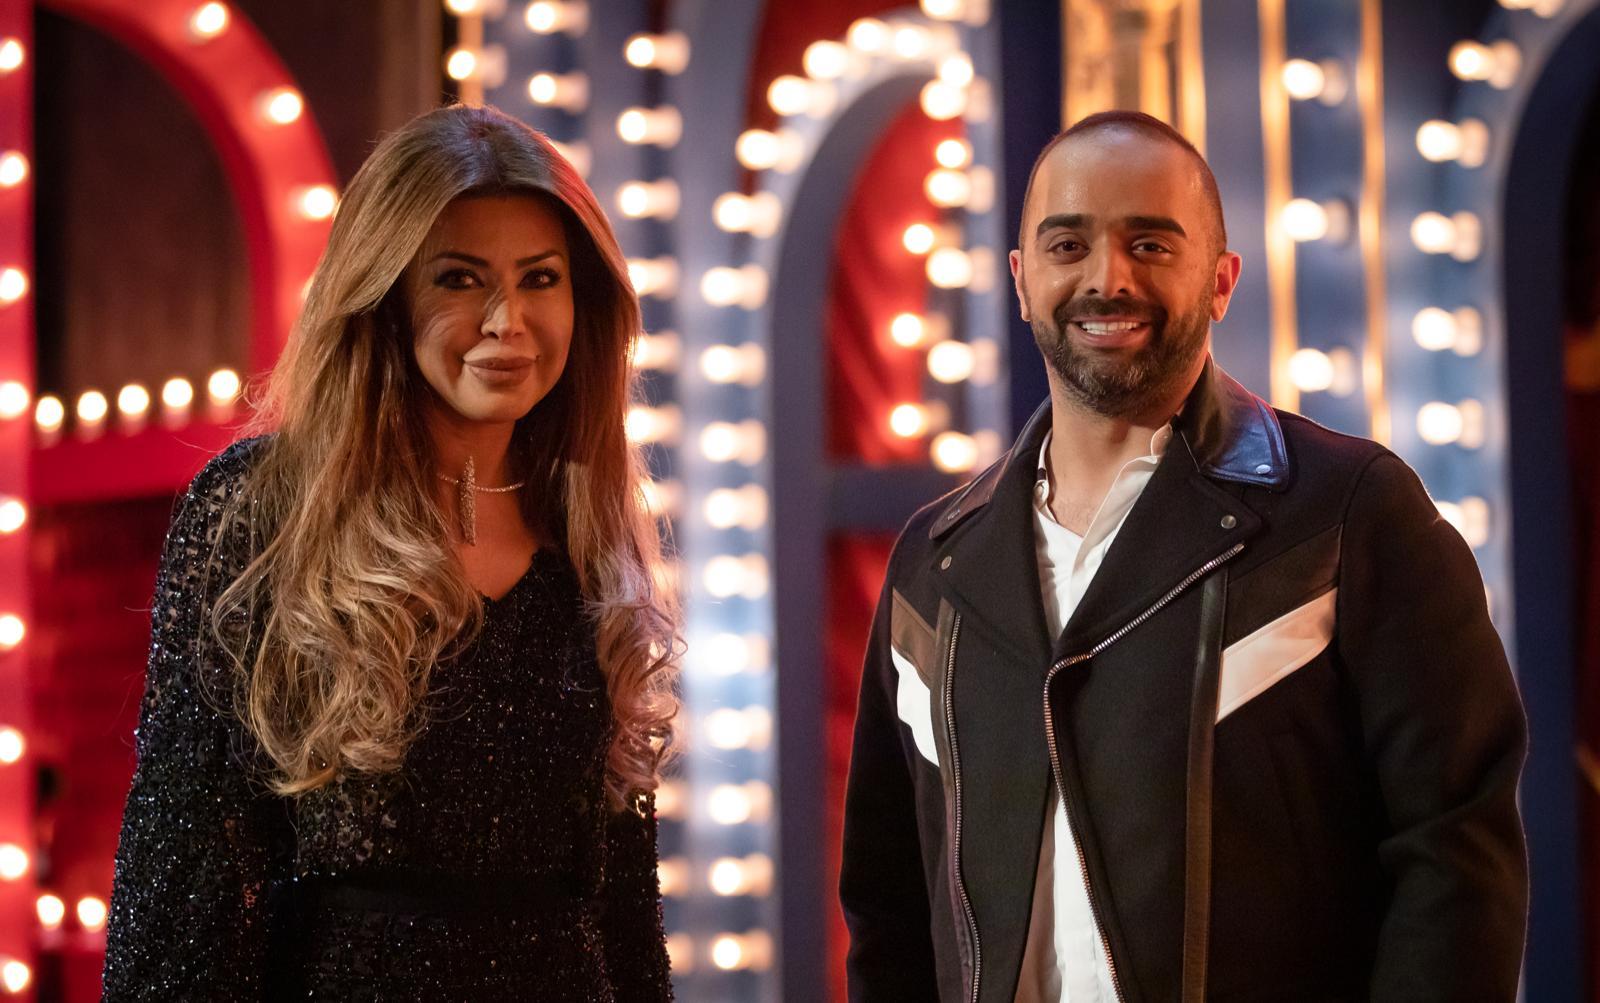 موقع بصراحة موقع النجوم نوال الزغبي ترفض الزواج من المذيع الكويتي حمد قلم